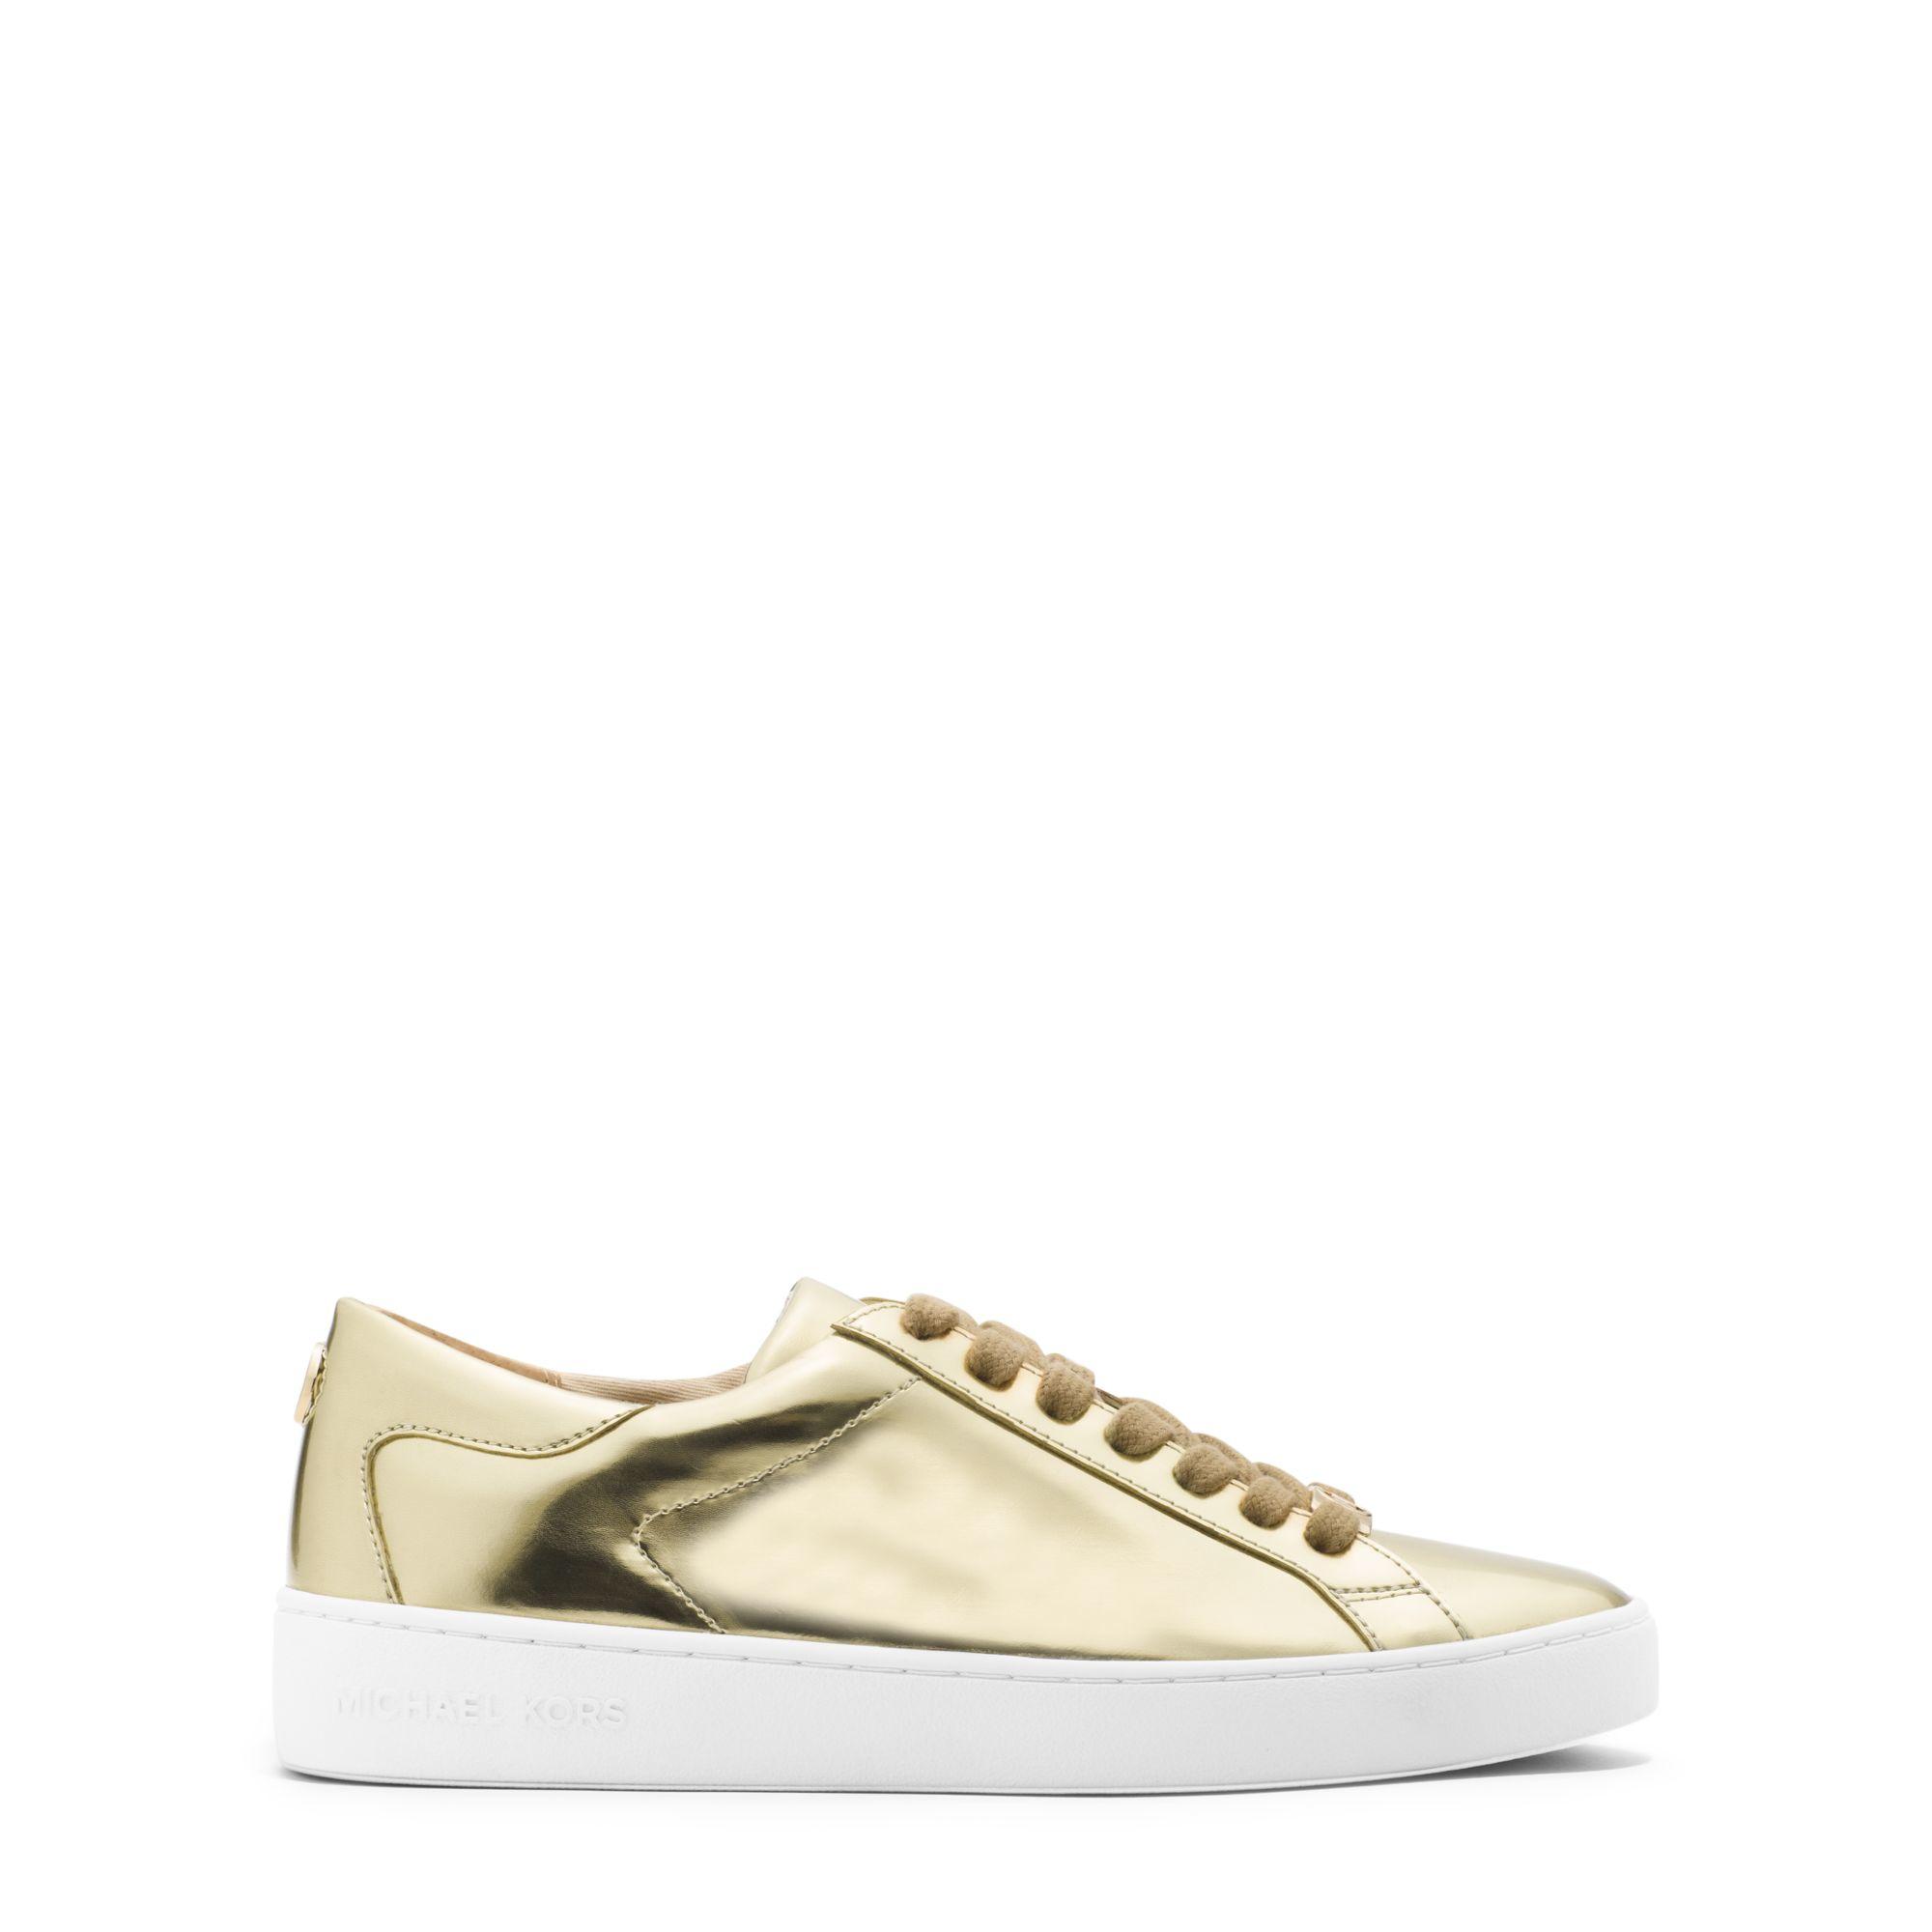 a1fa54a5f31 Michael Kors Keaton Metallic Leather Sneaker in Metallic - Lyst